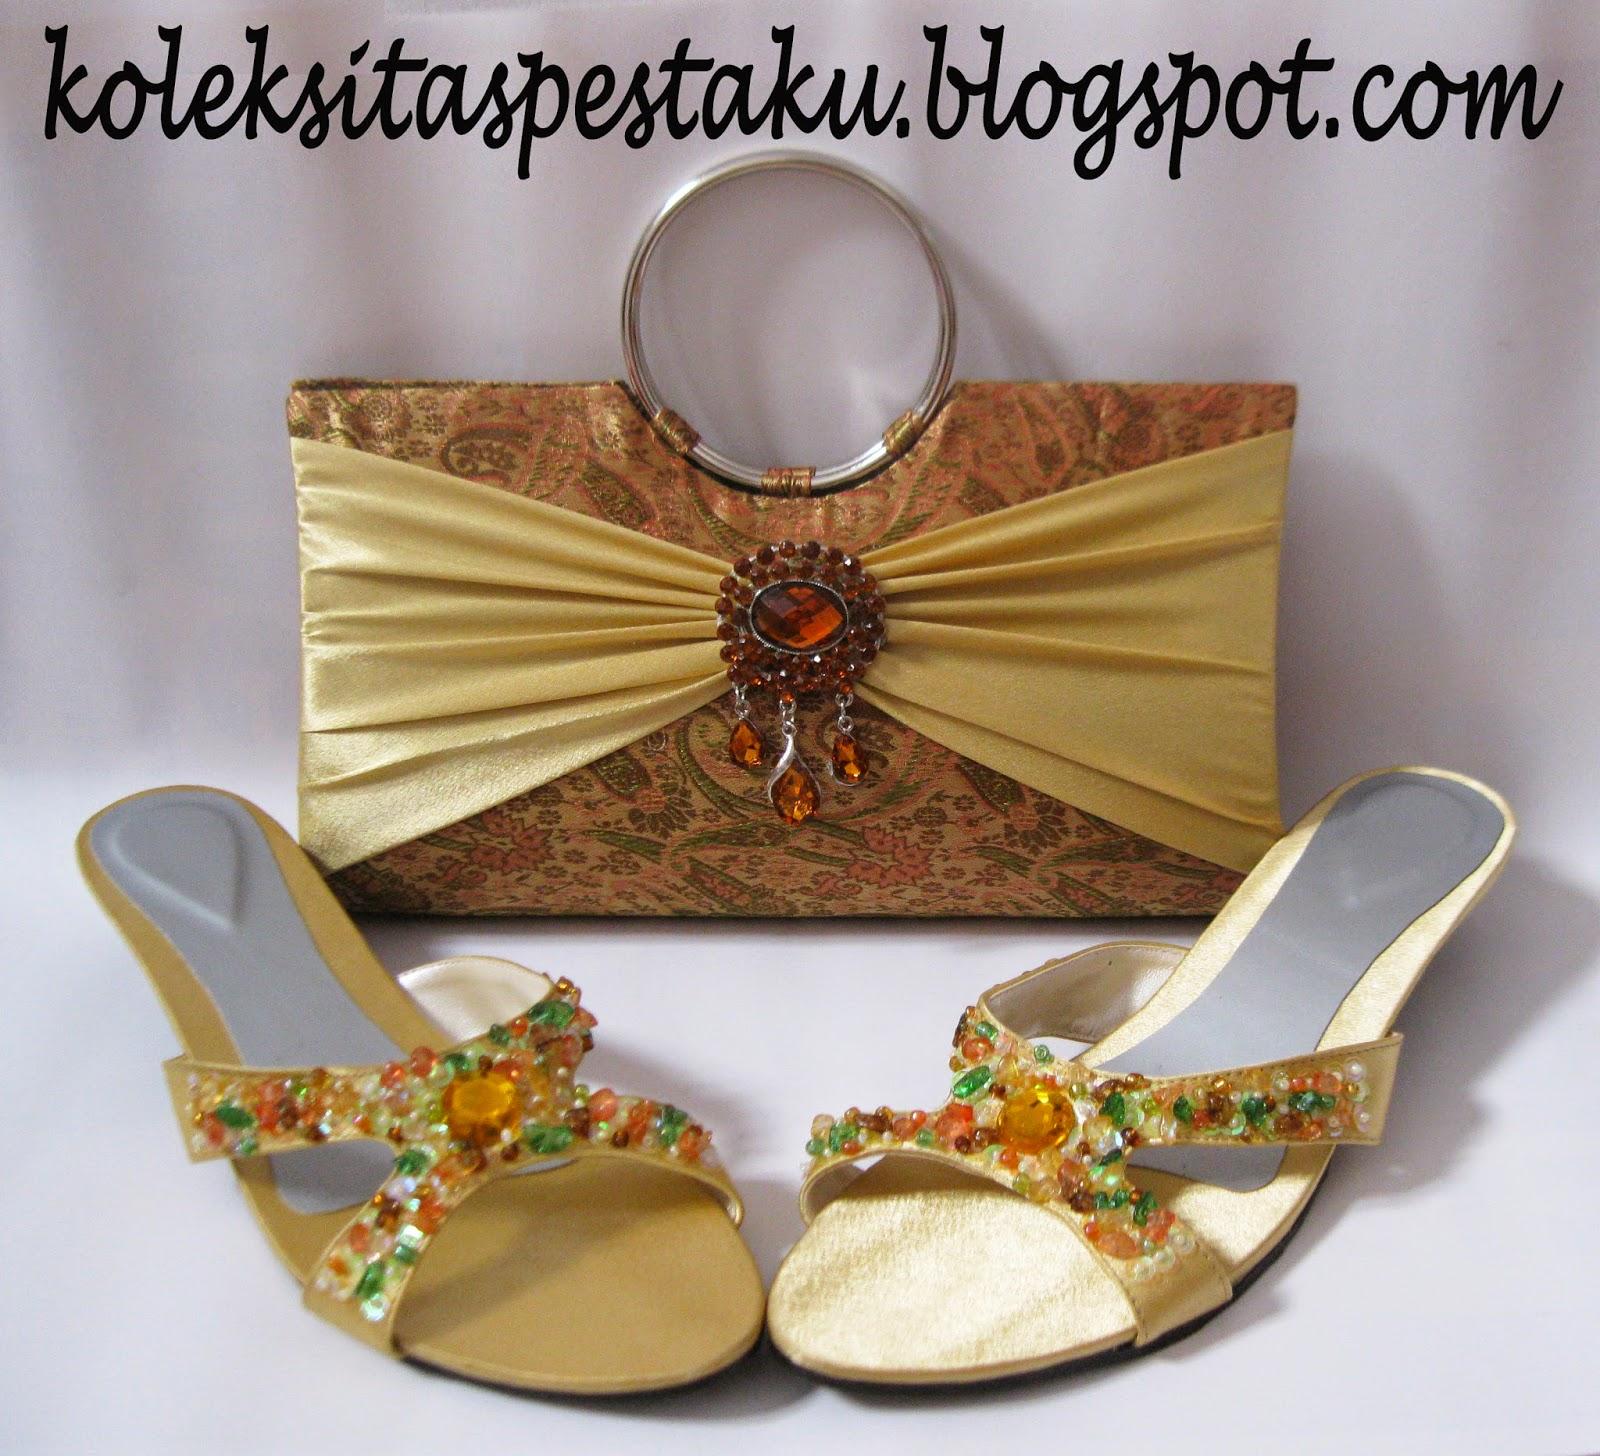 Sepatu dan Tas Pesta Clutch Bag Unik Tenun Sari India Mewah Gold